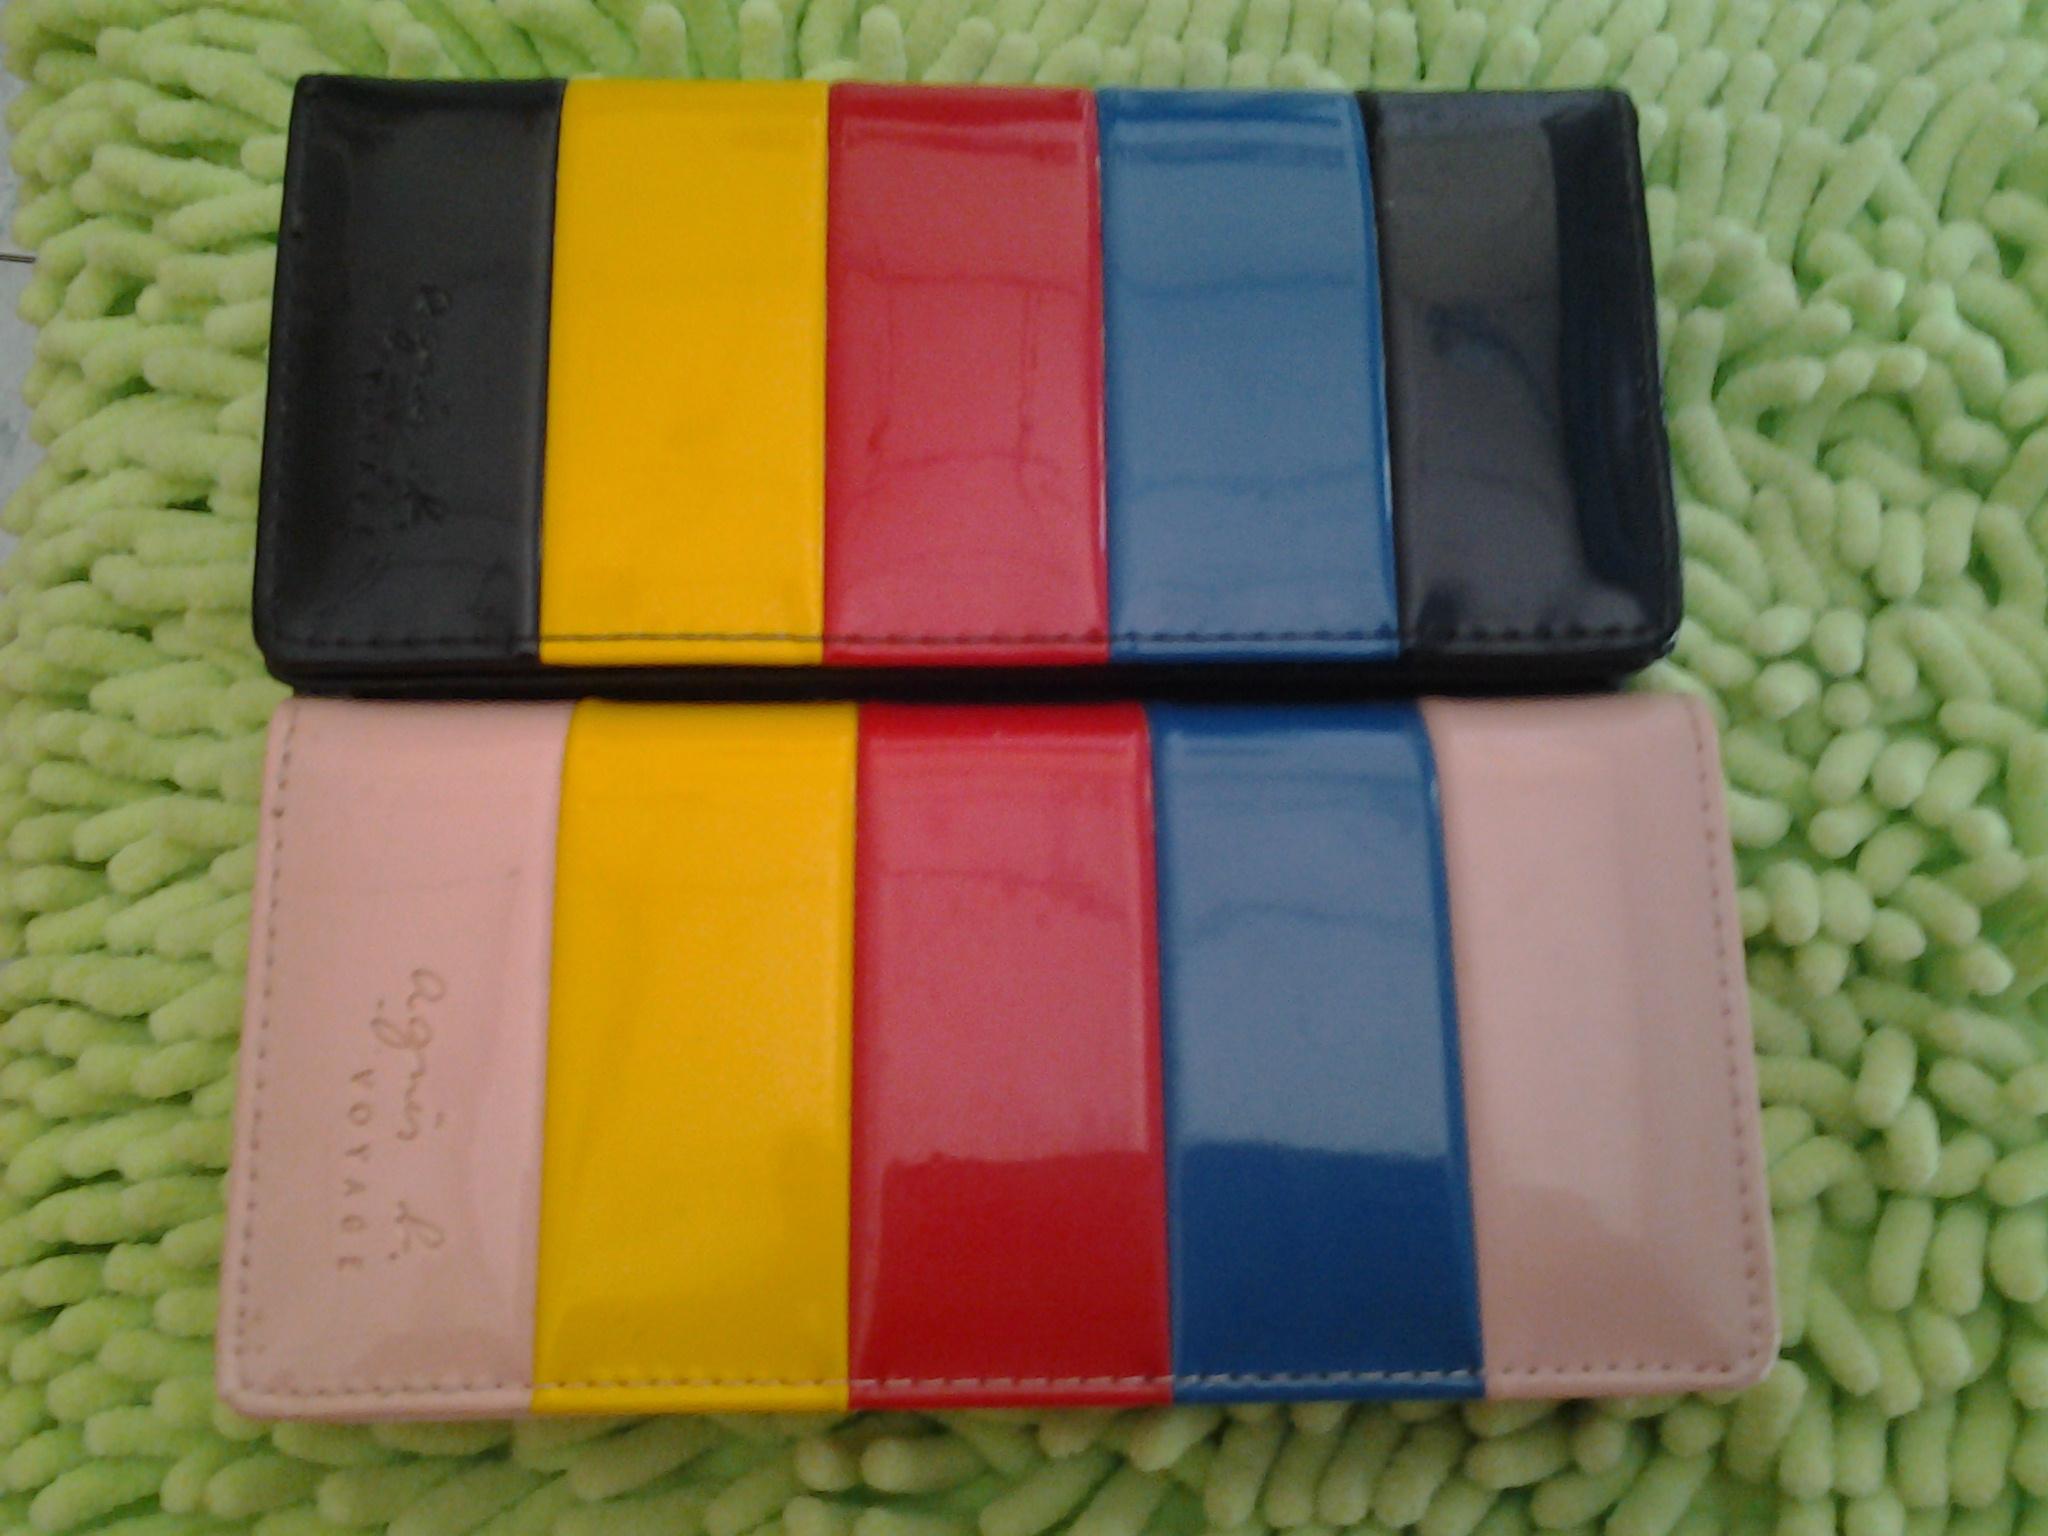 กระเป๋าสตางค์ทรงยาว/สีสันสดใส